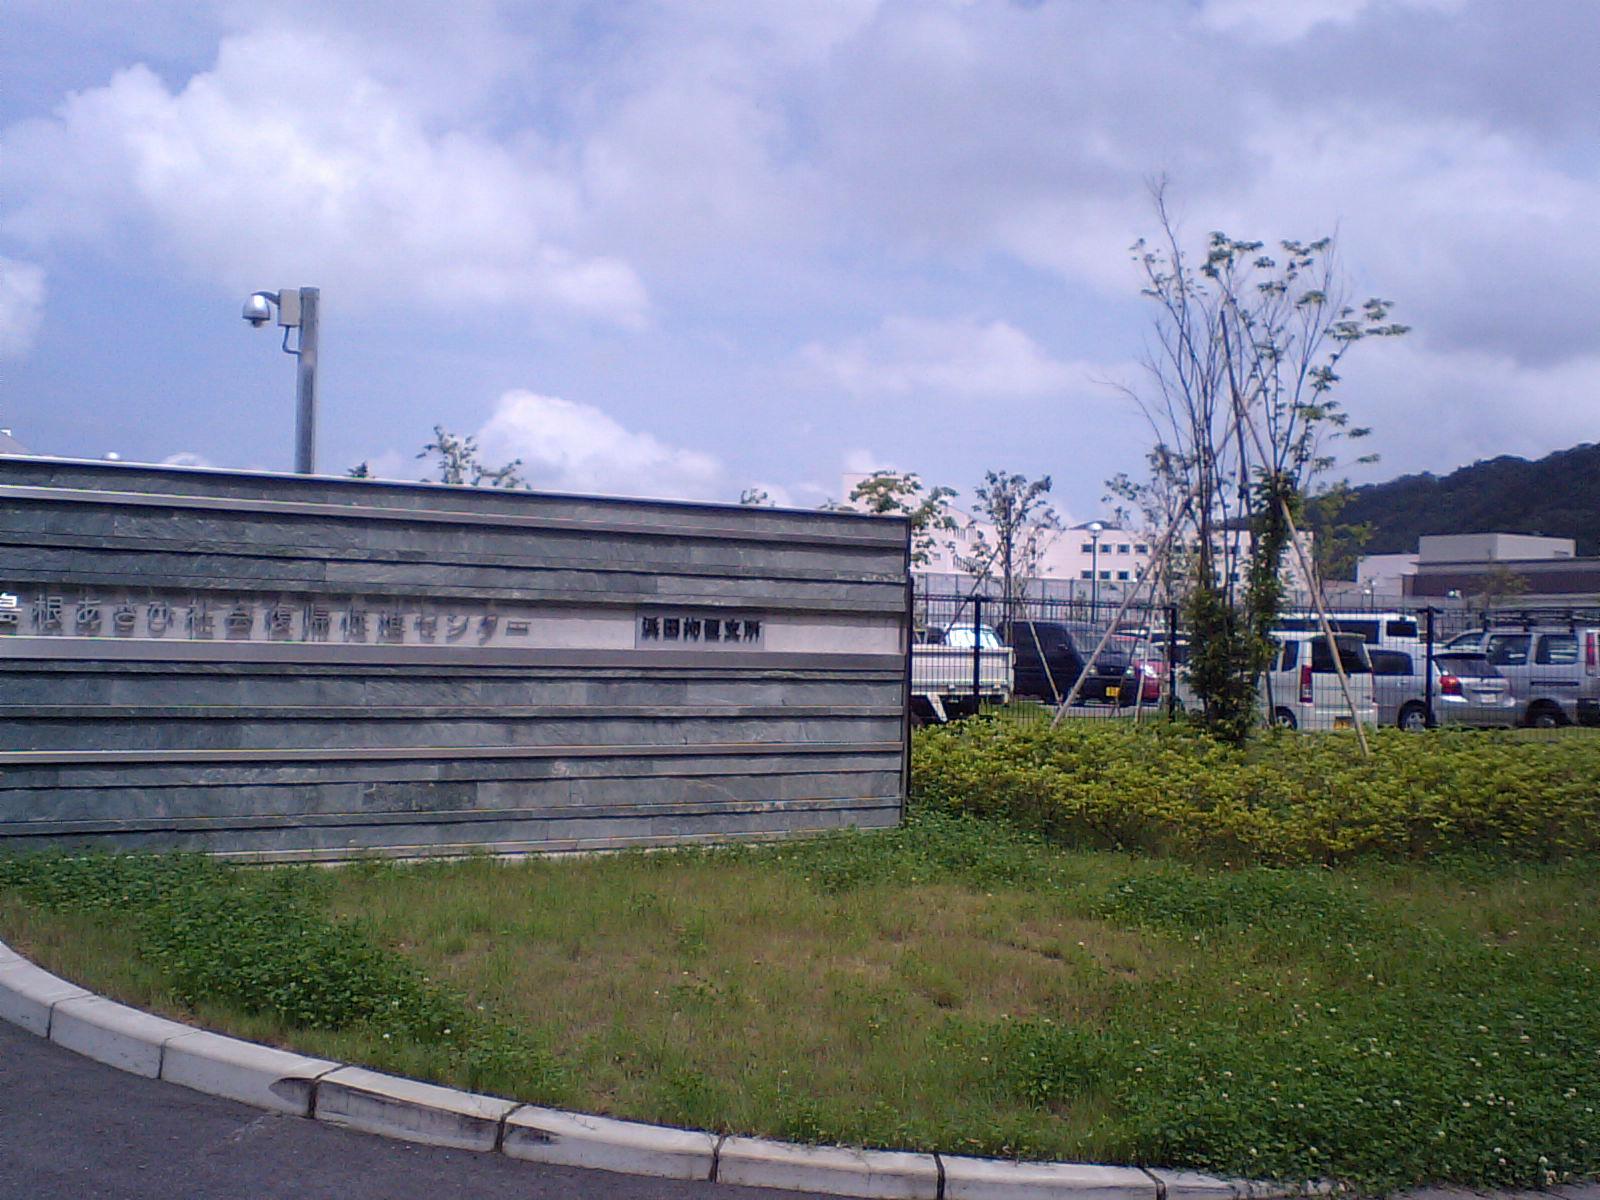 島根県あさひ社会復帰推進センター